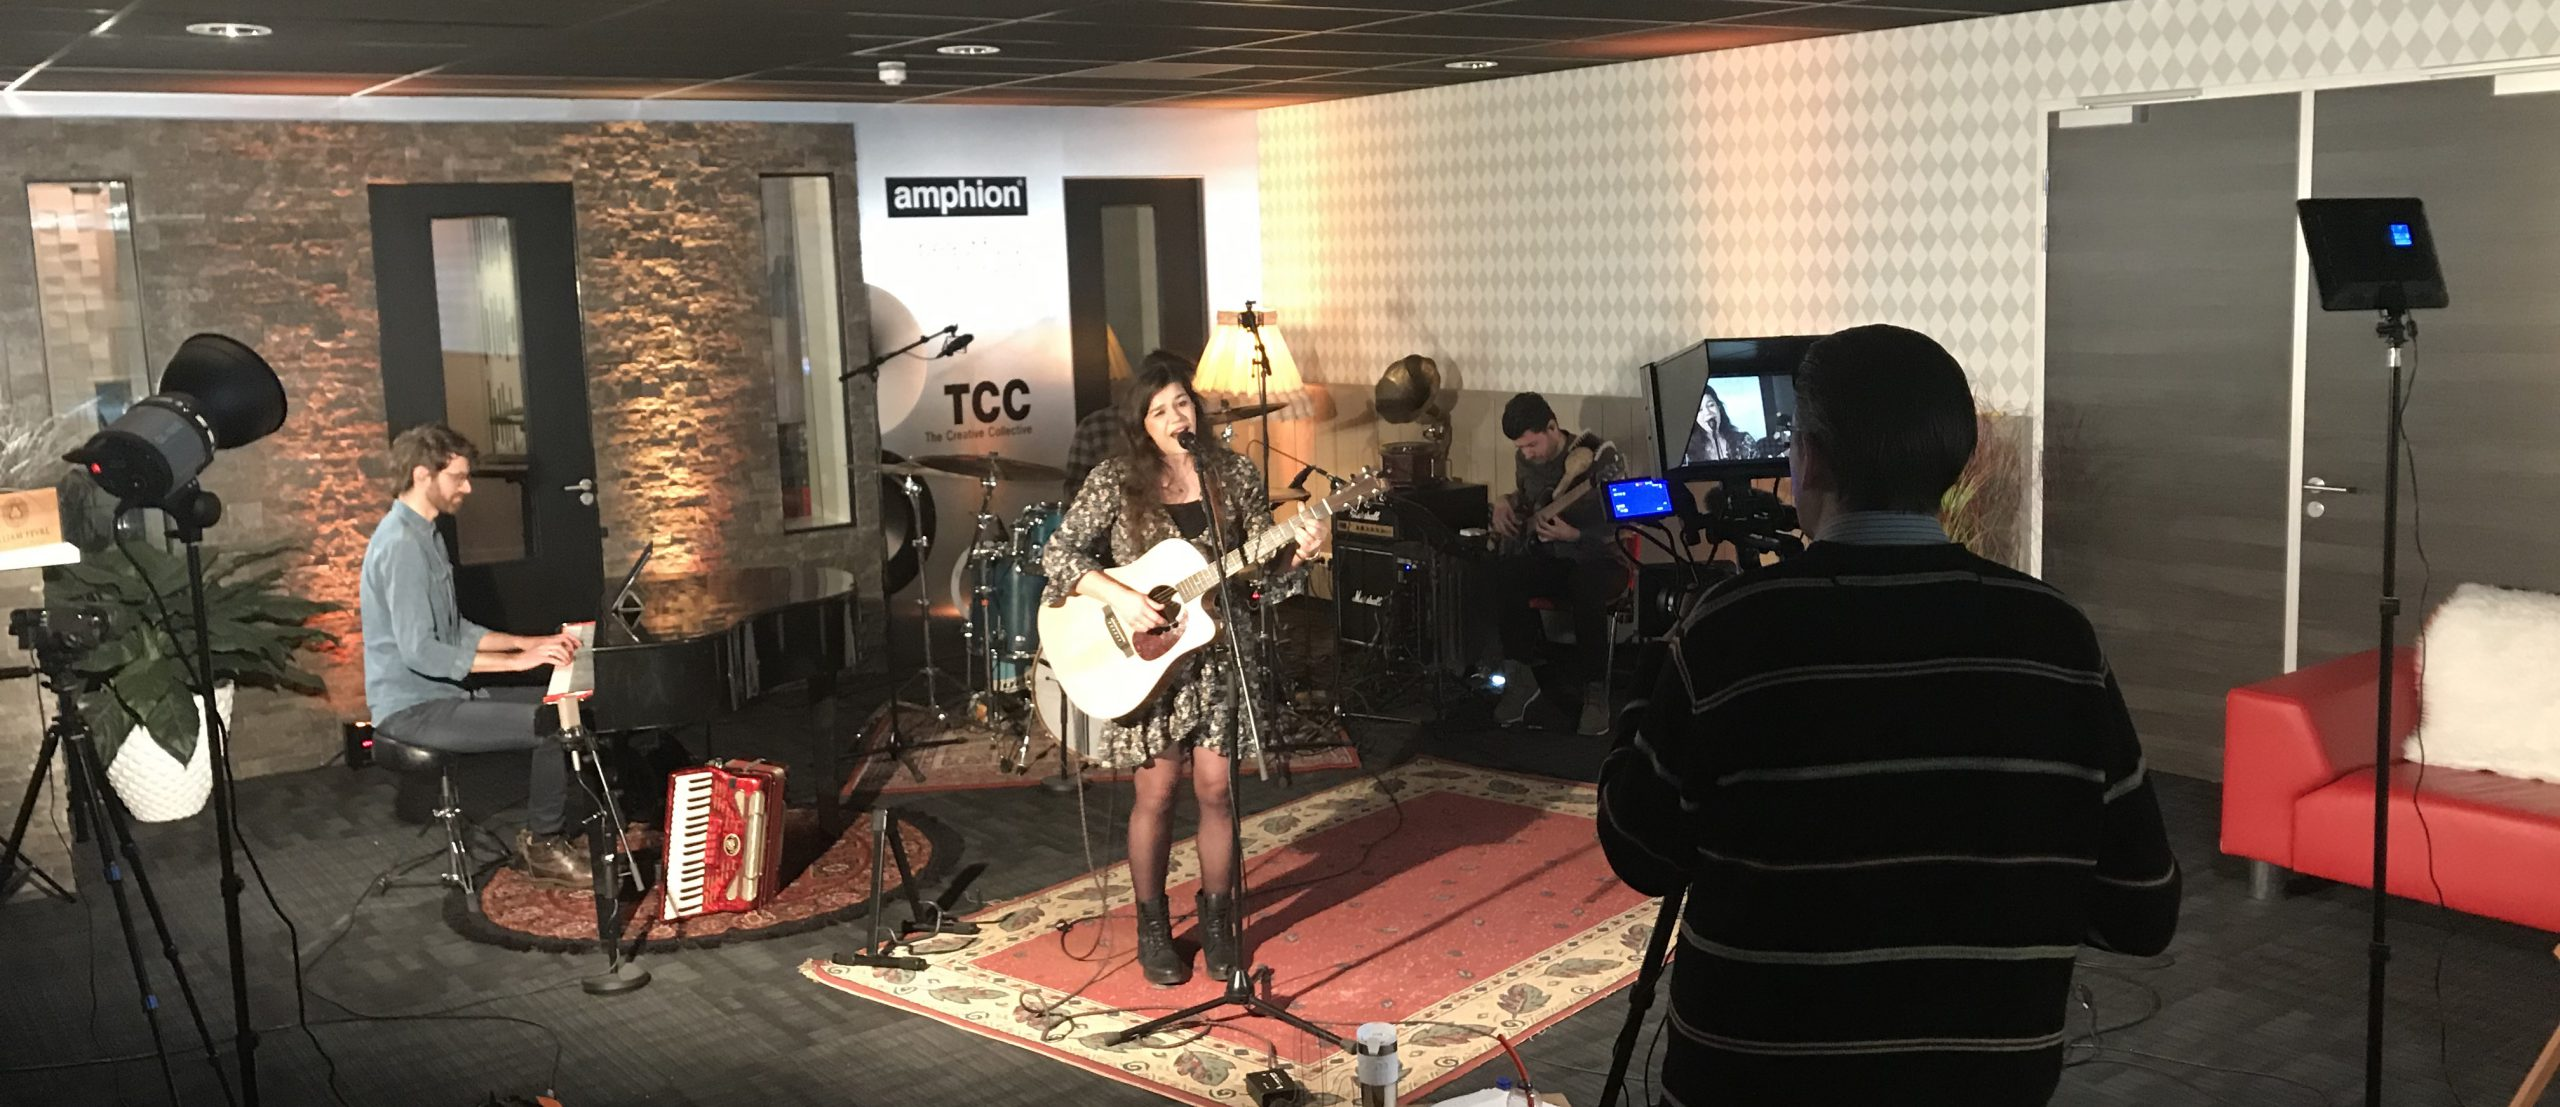 TCC videostreamset